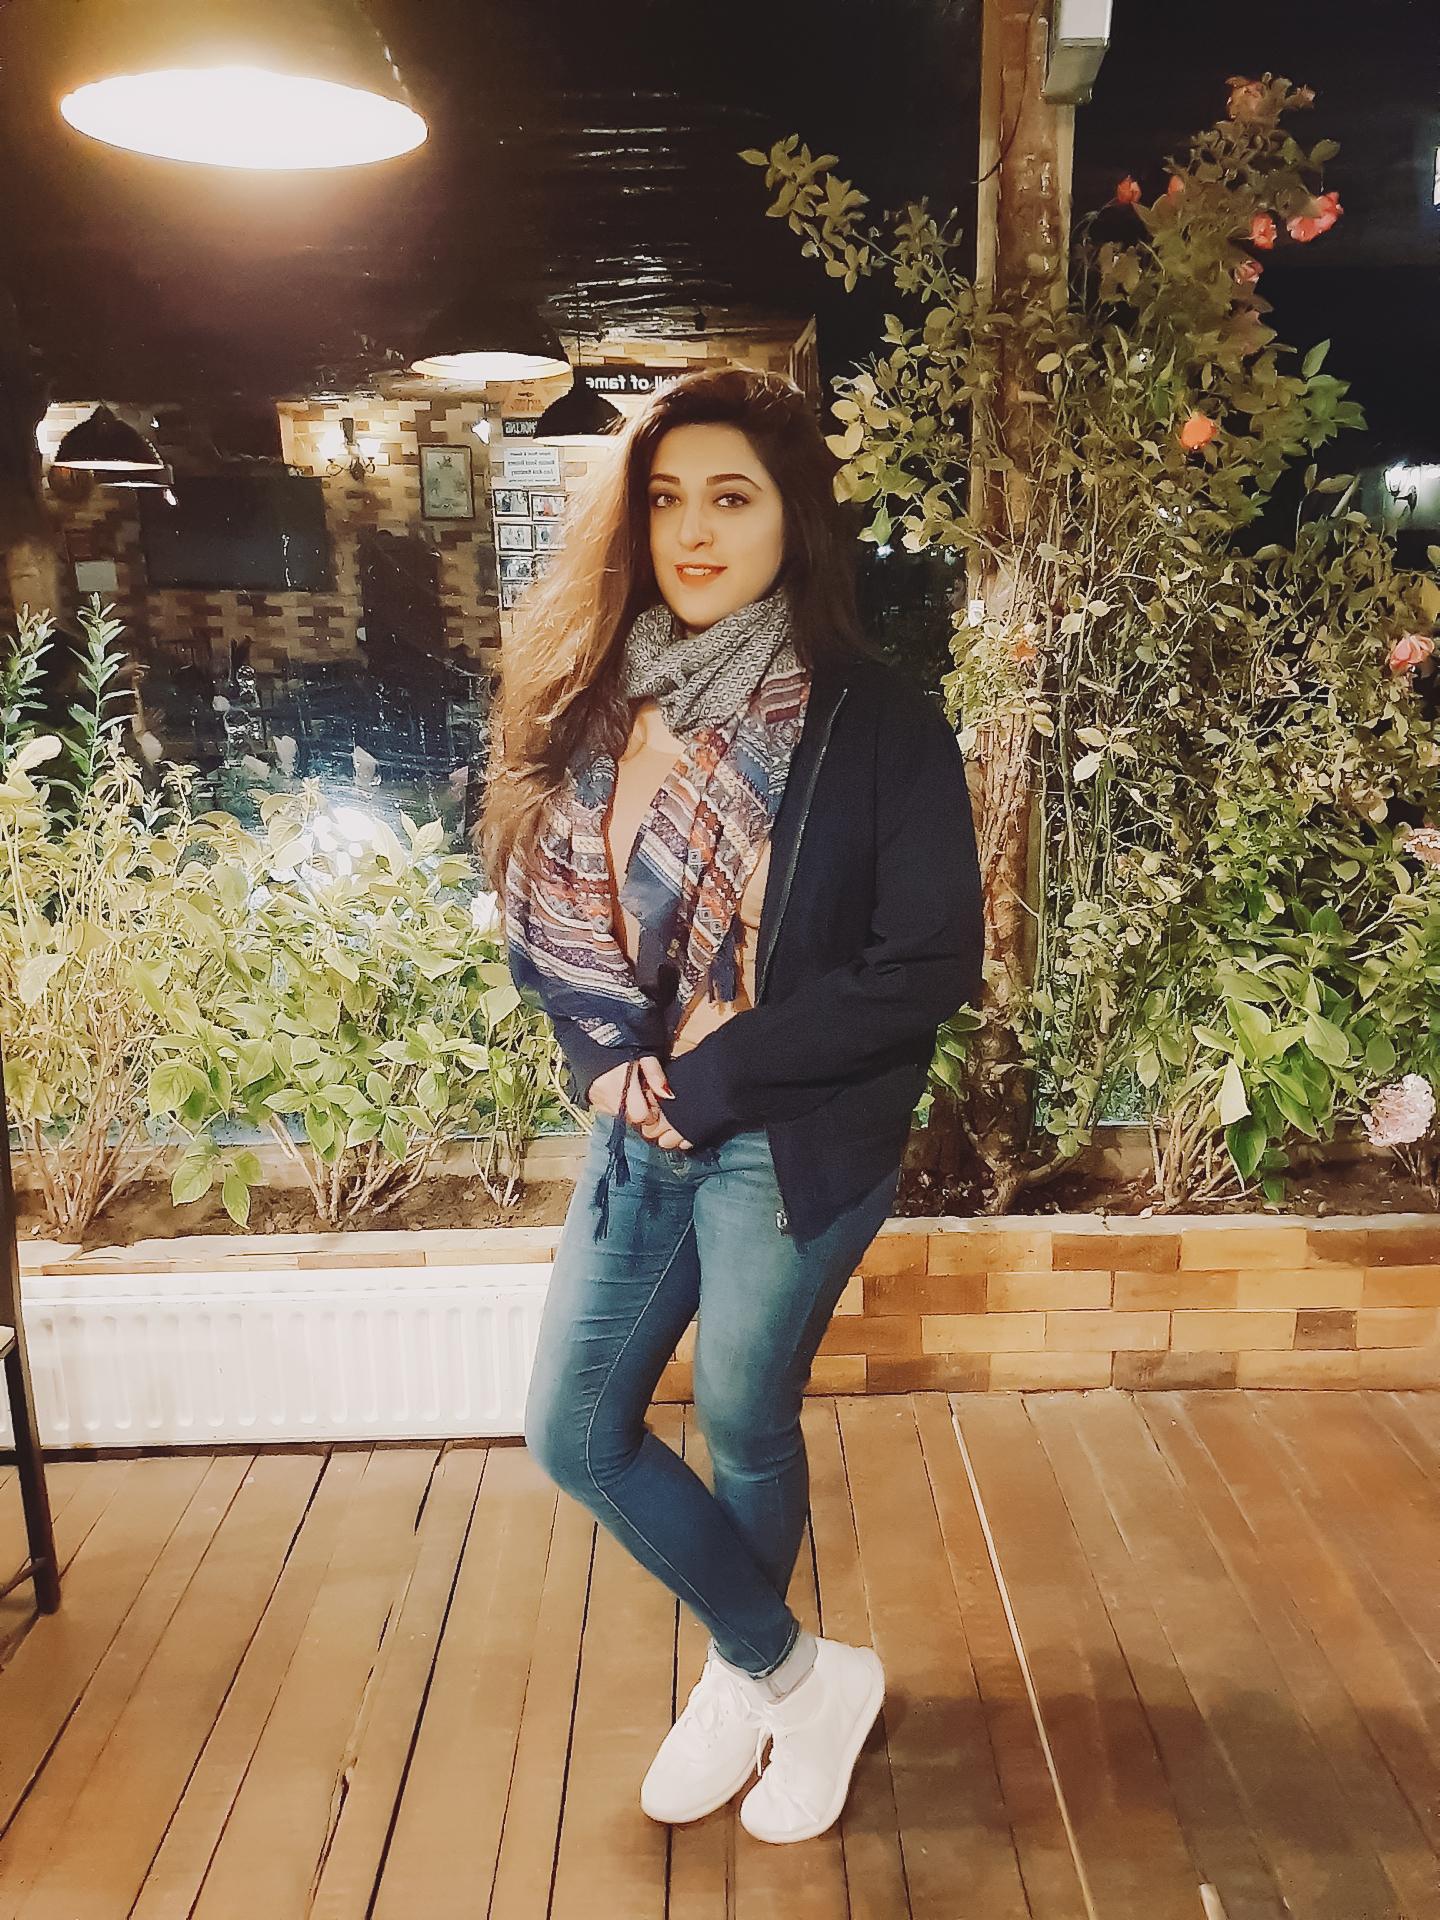 Rahma Ali